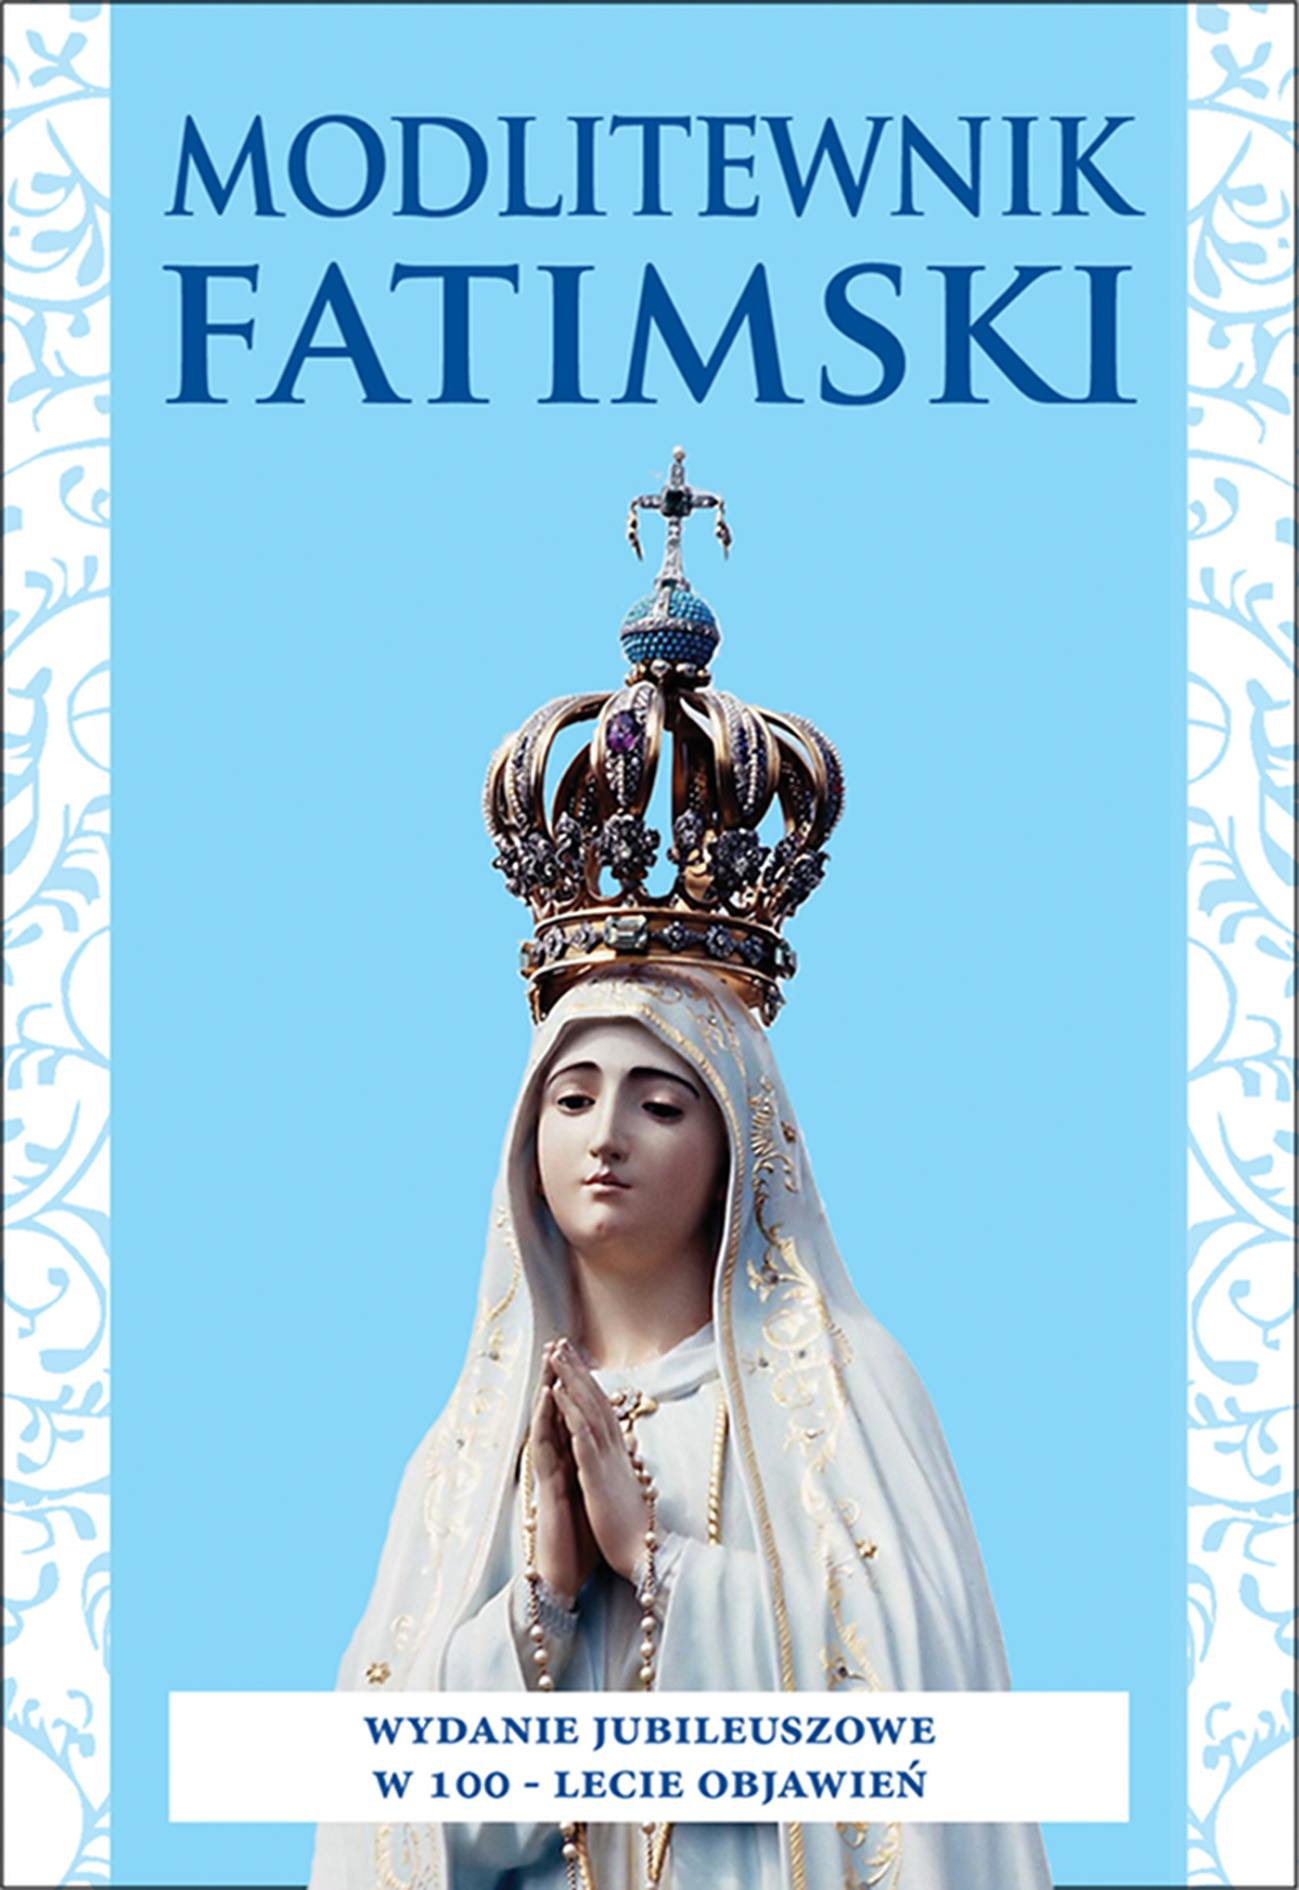 Modlitewnik fatimski - Ebook (Książka EPUB) do pobrania w formacie EPUB